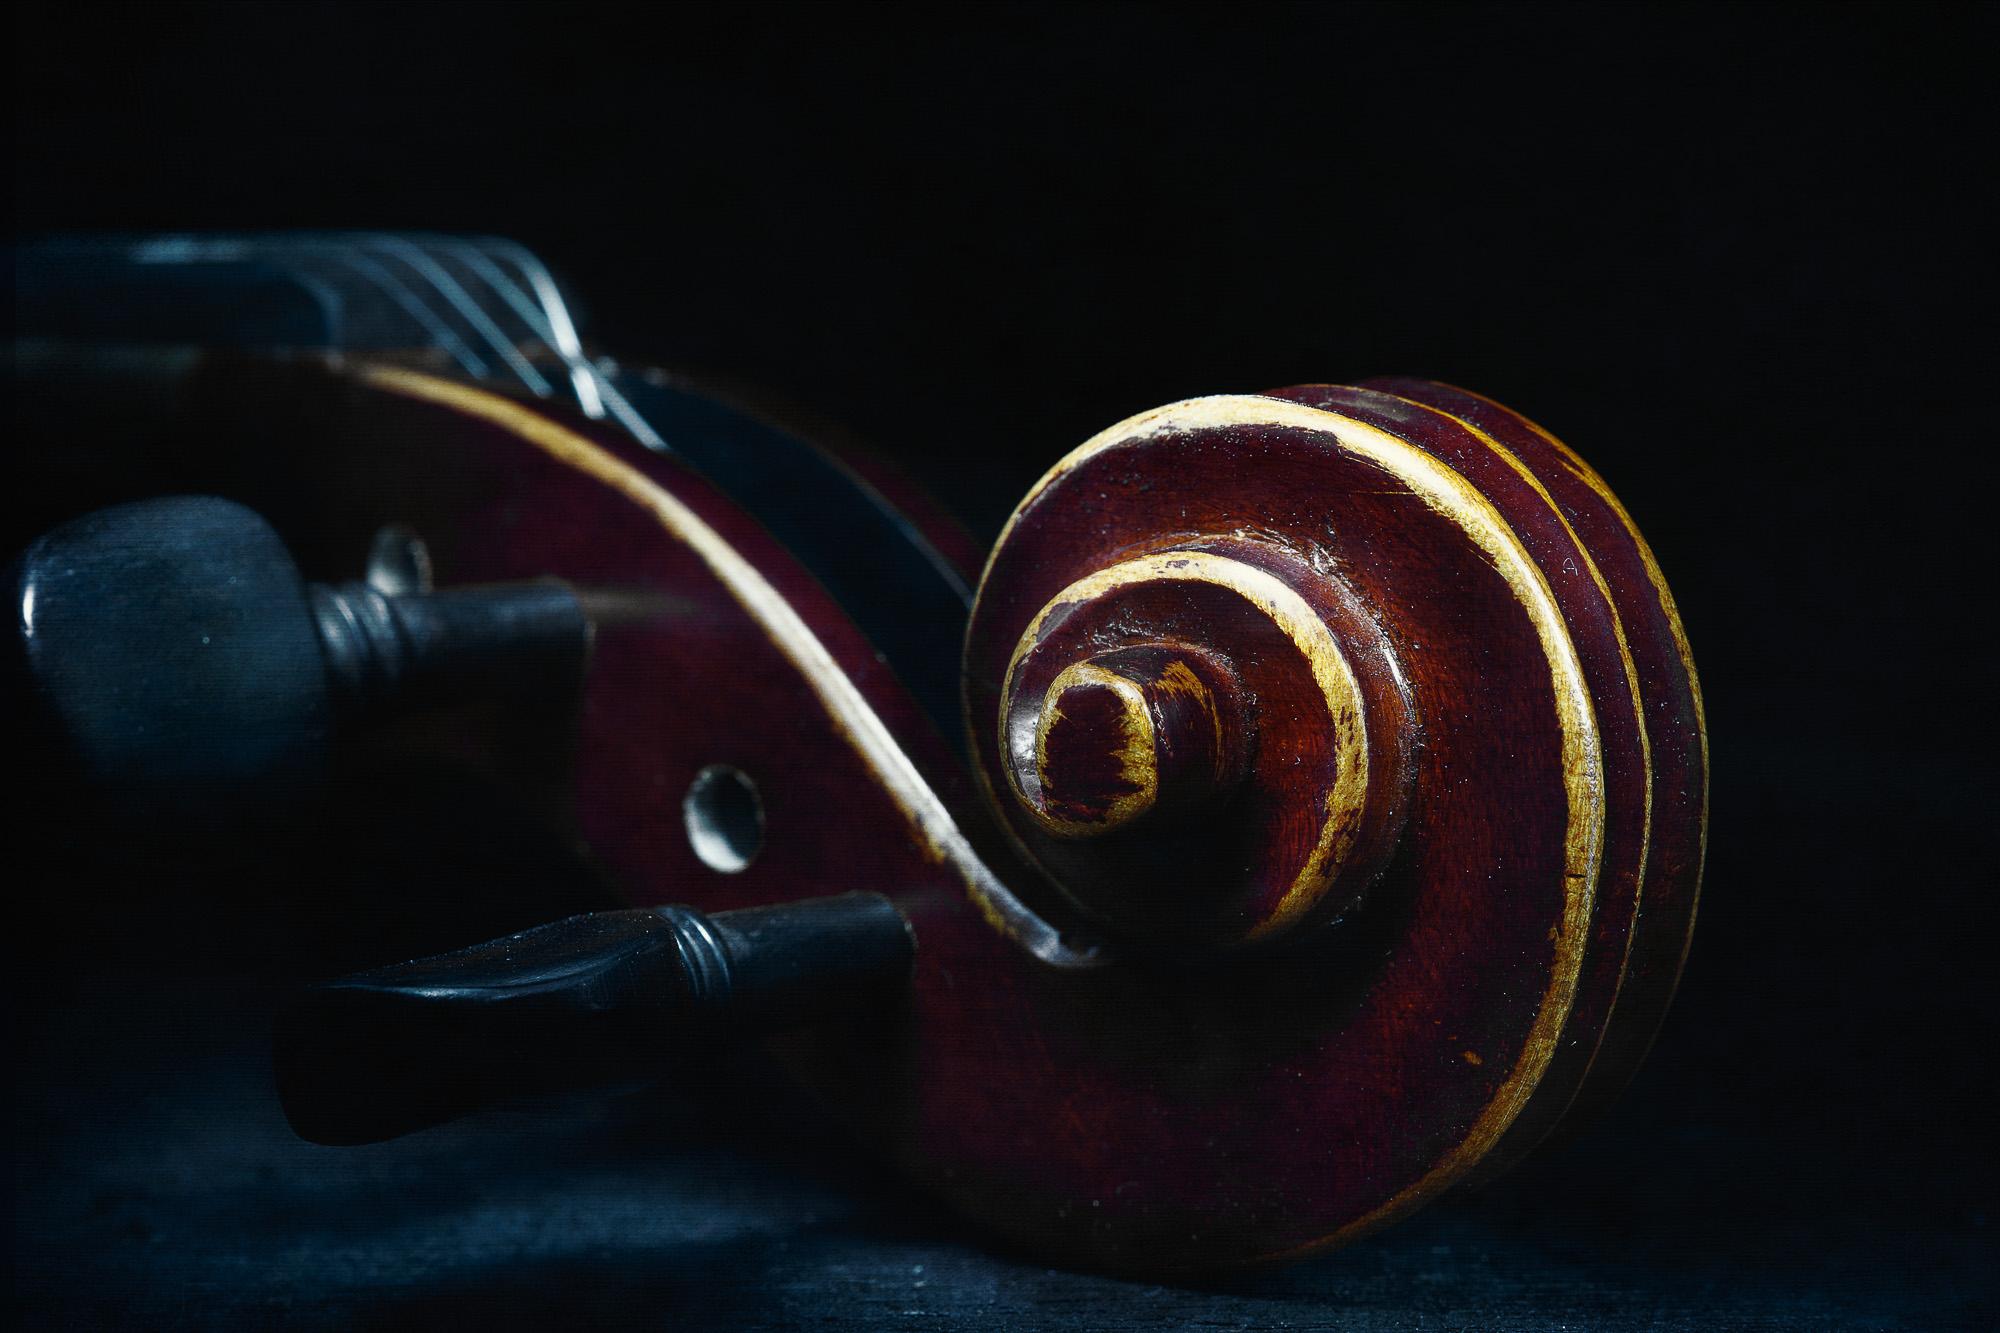 Julie Powell_The Violin-5.jpg